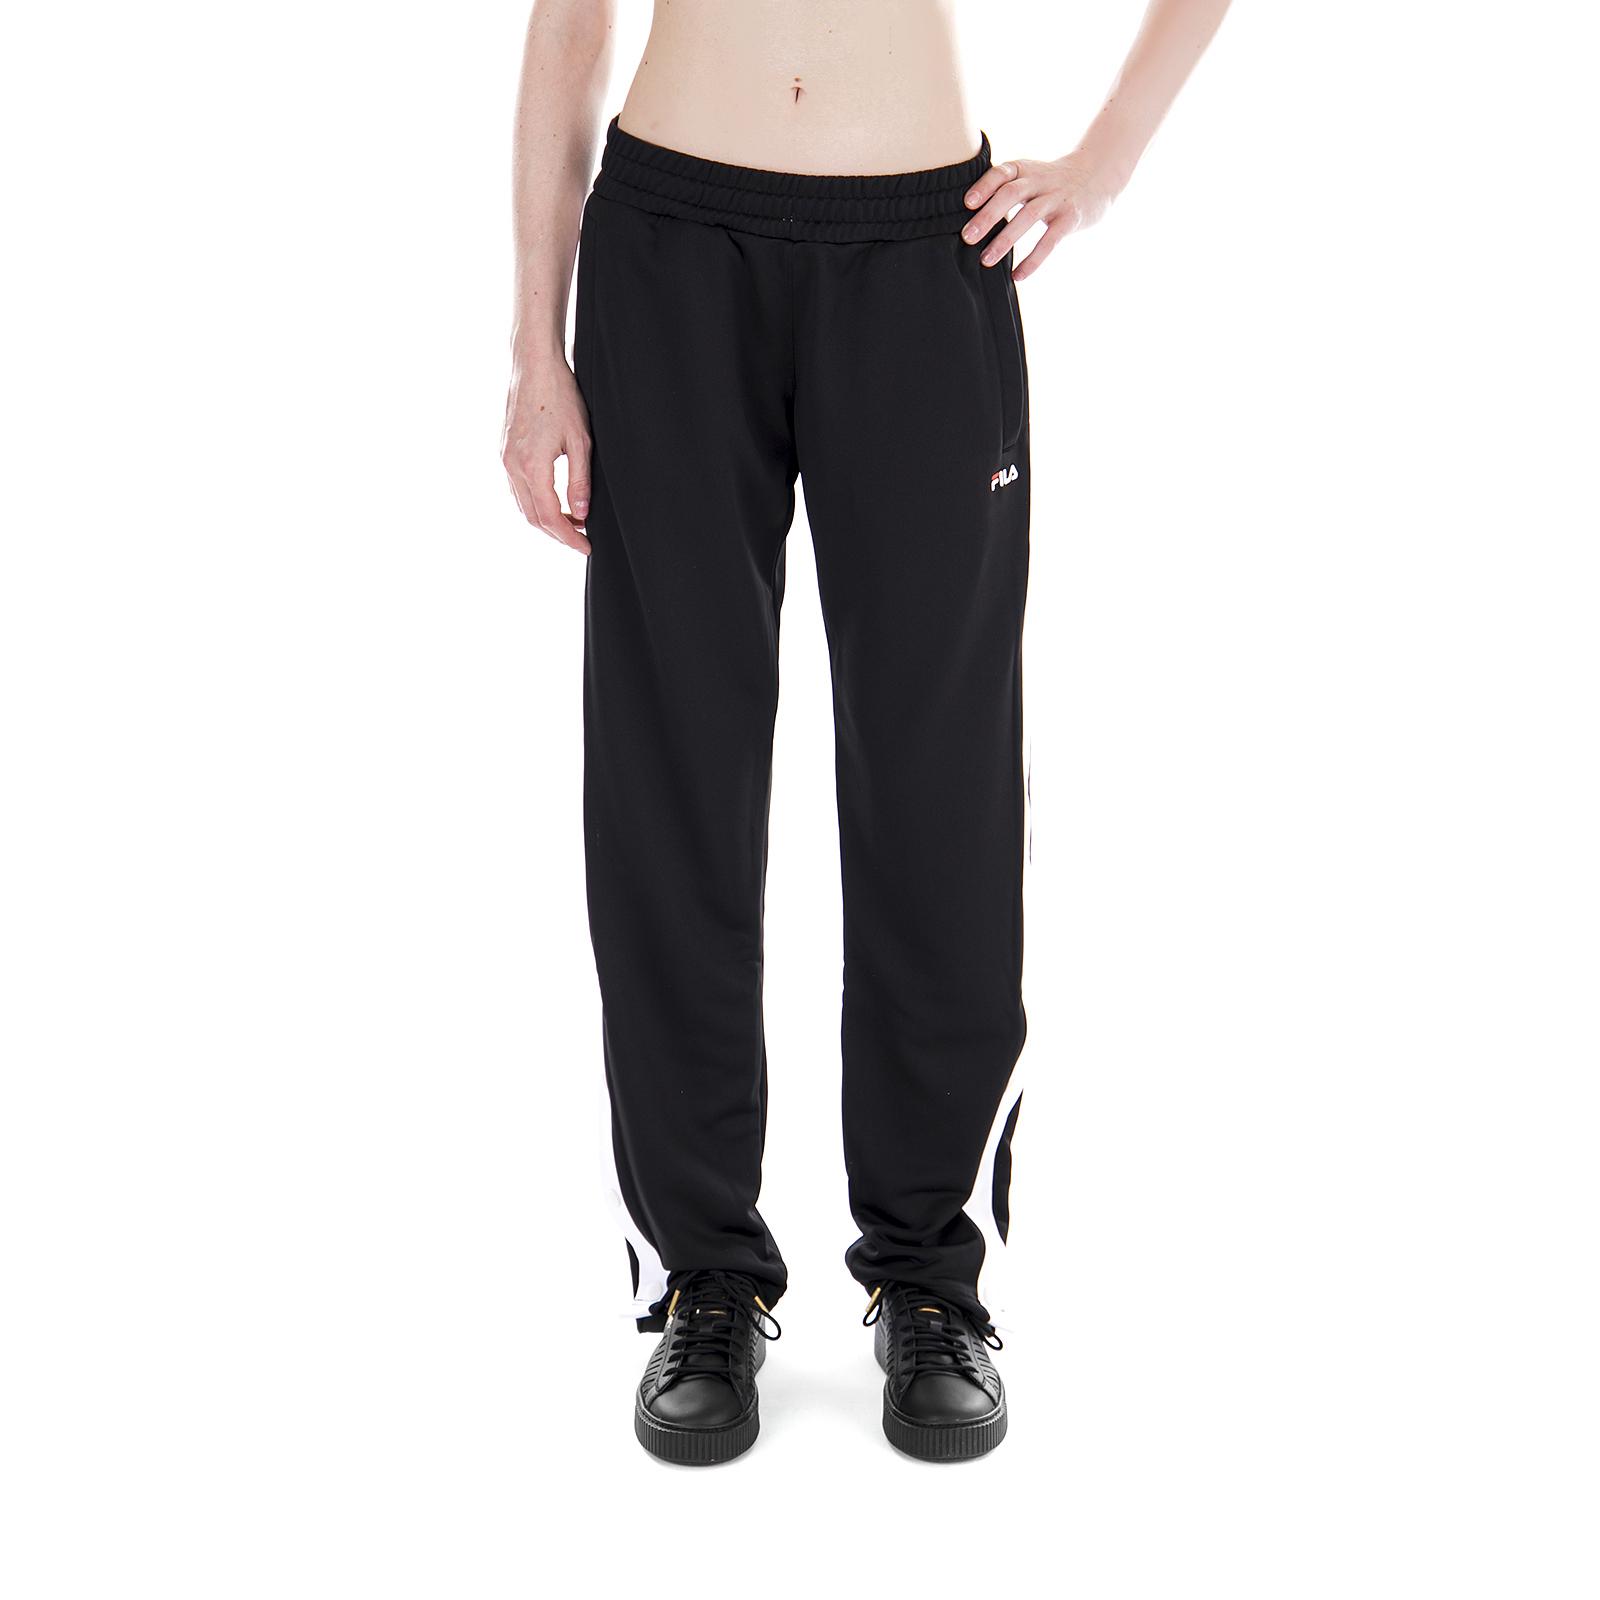 Fila Pantaloni Victoria Buttoned Track Pants nero Nero